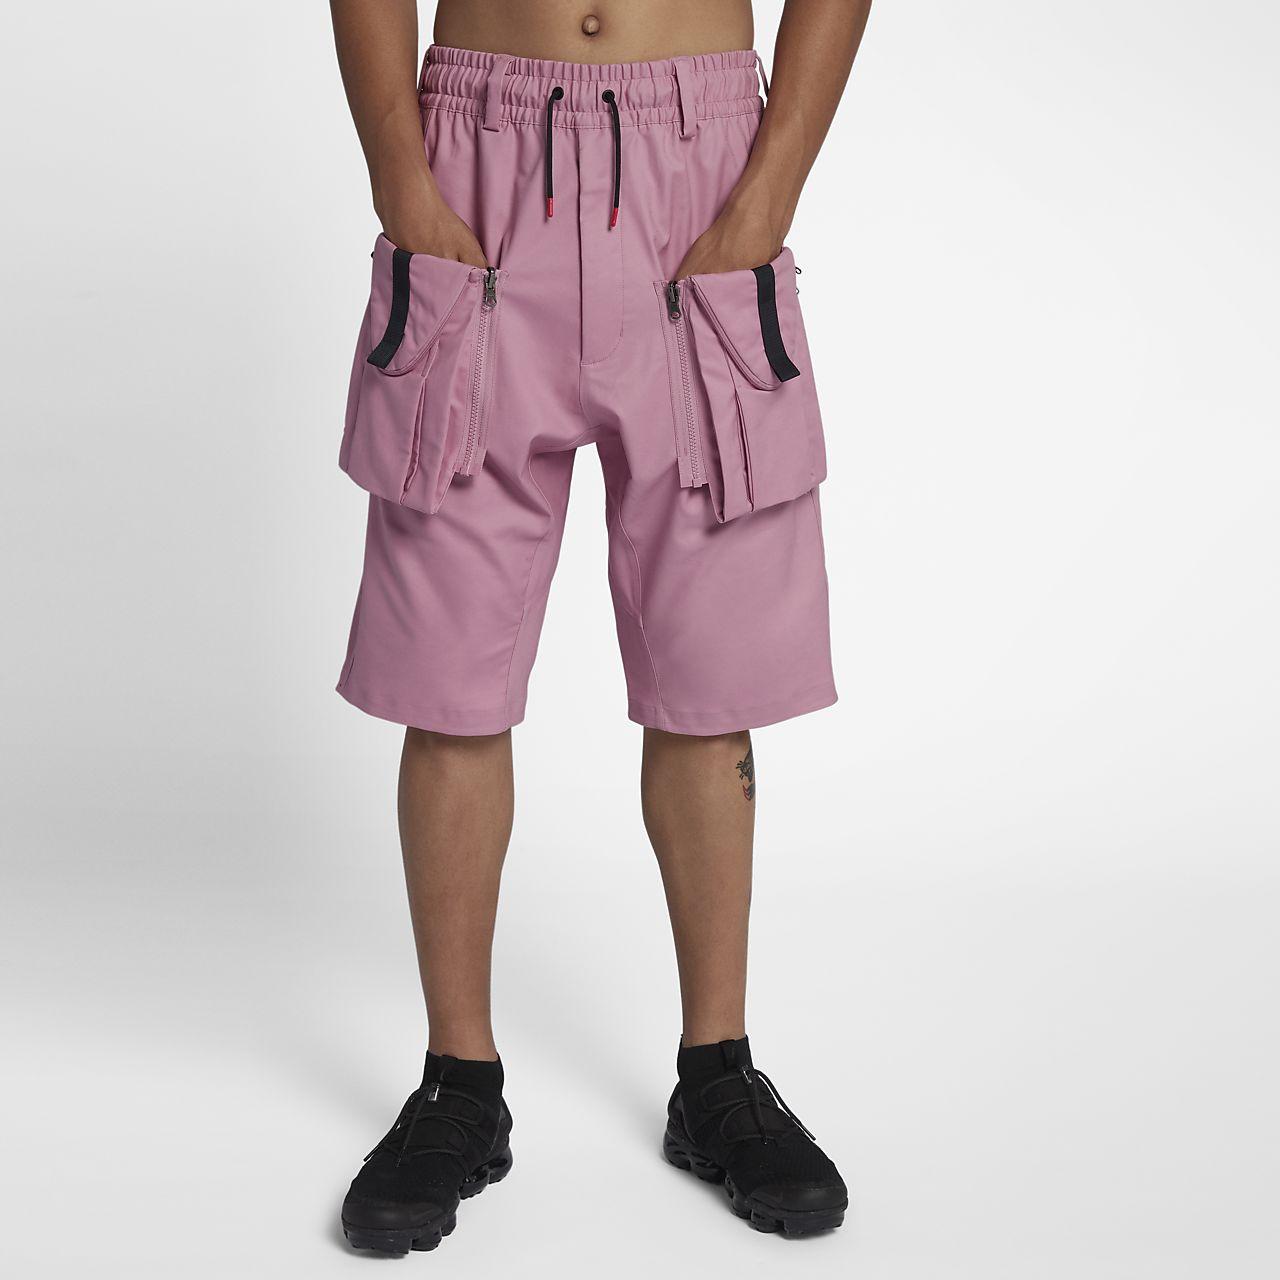 promo code ab9e3 01d42 Men s Cargo Shorts. NikeLab ACG Deploy